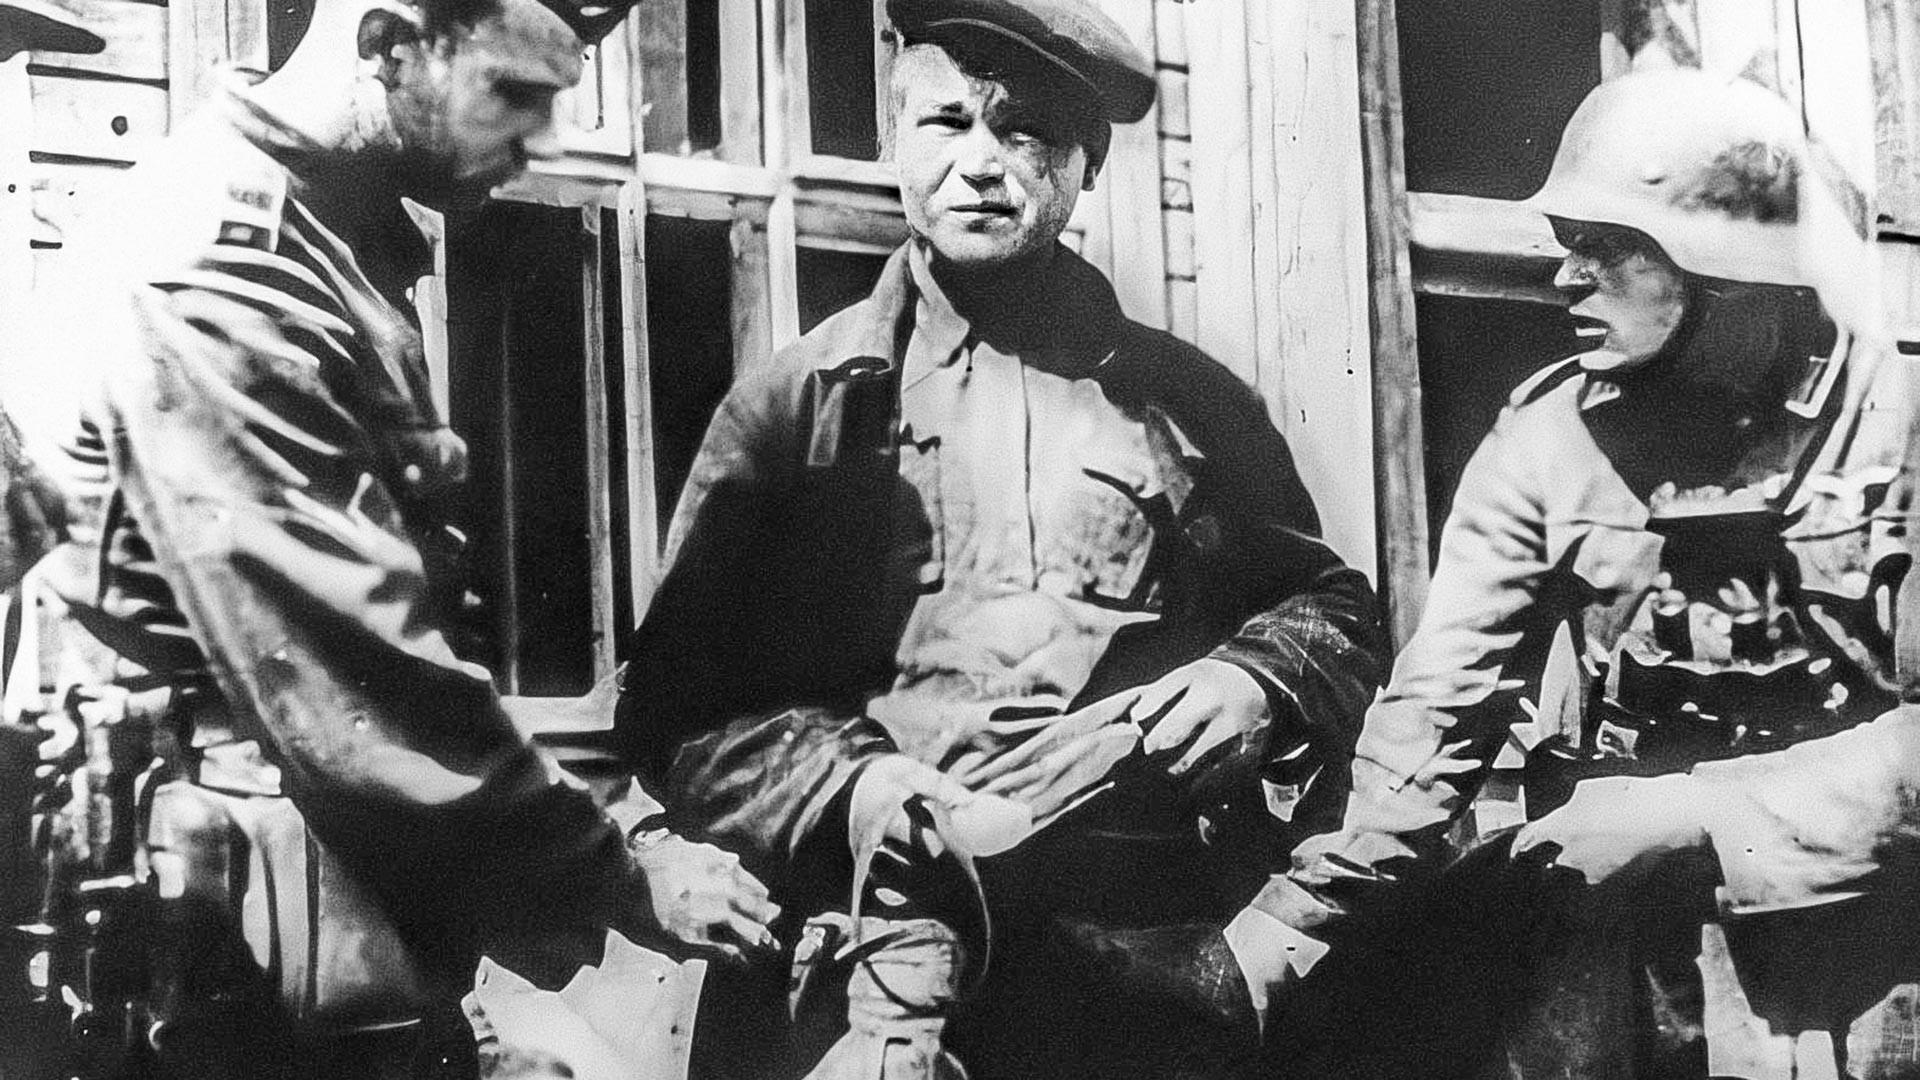 Хитлерова окупација. Претрес житеља Минска.